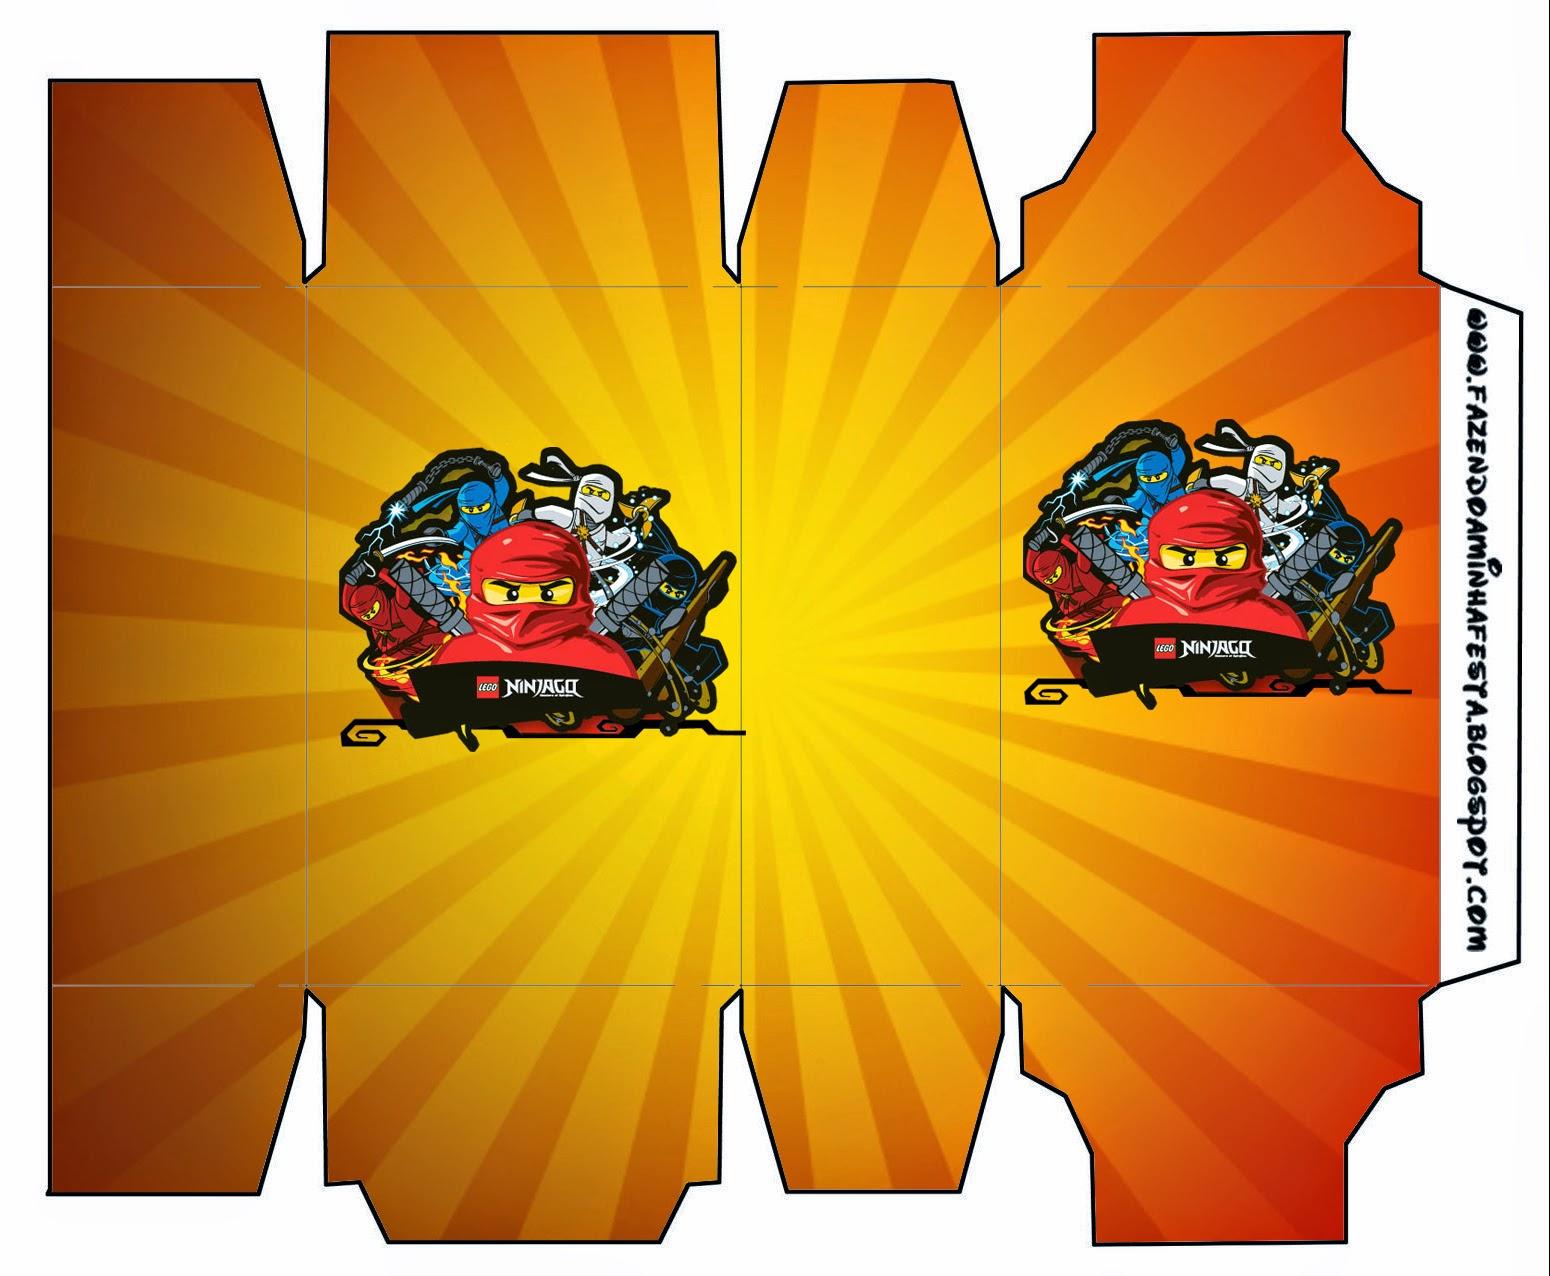 Cajas de Ninjago para imprimir gratis de Ninjago.